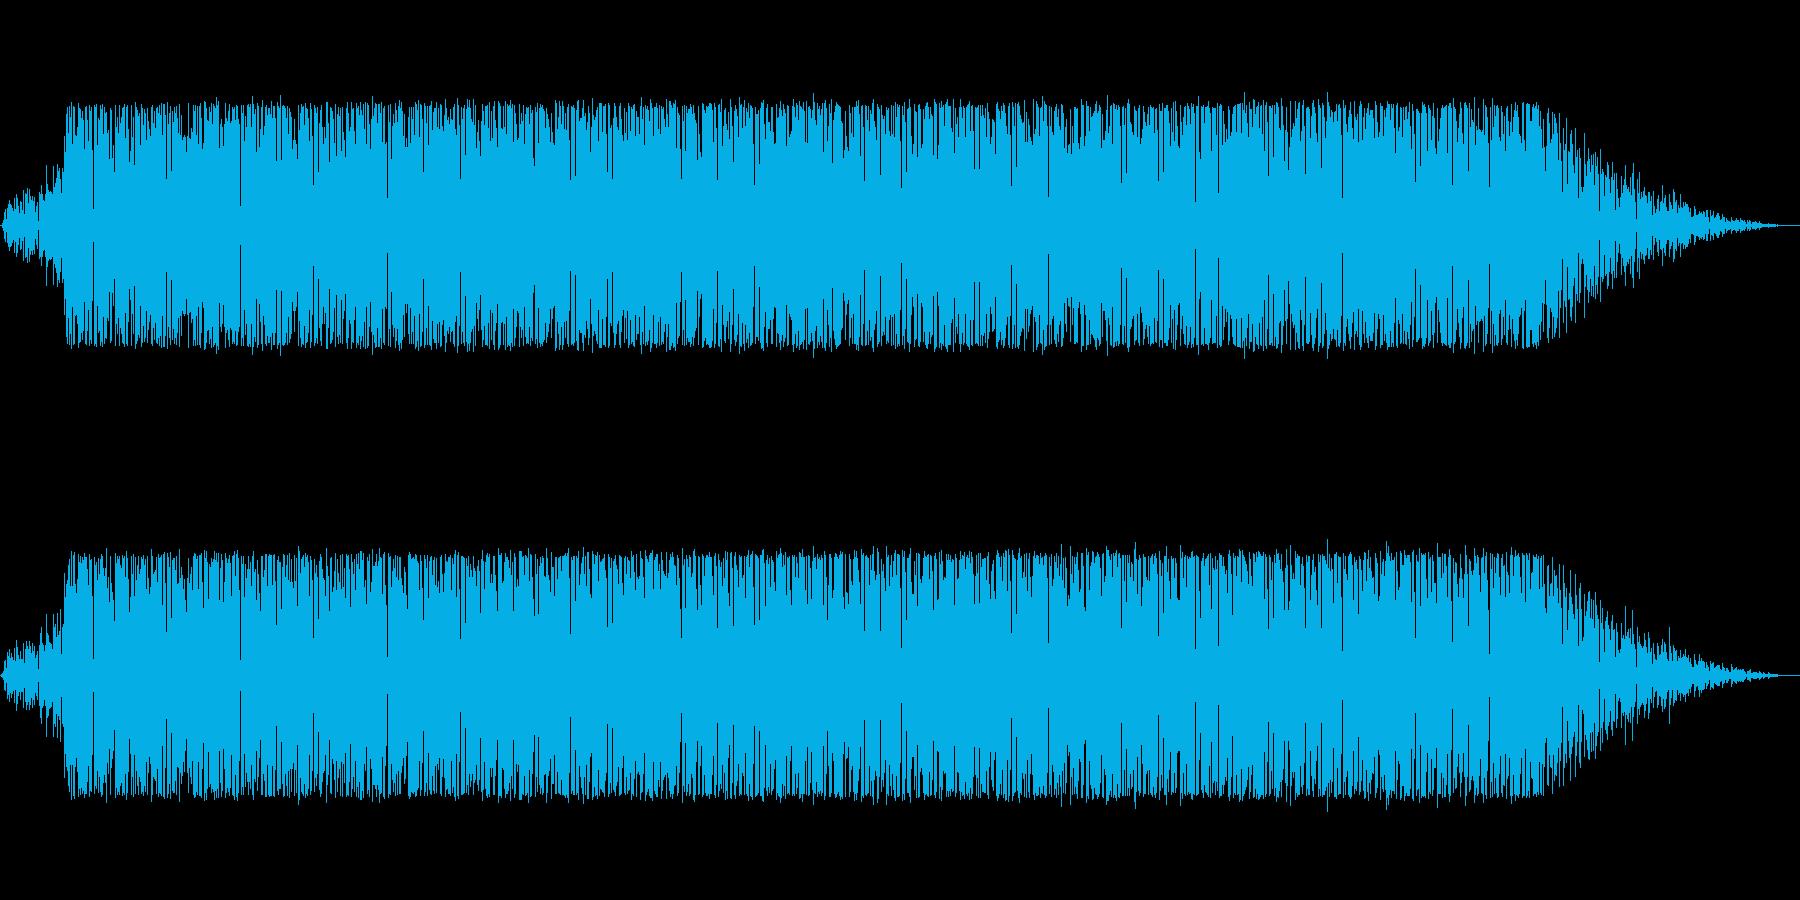 ブレイクビーツ風のフュージョンの再生済みの波形